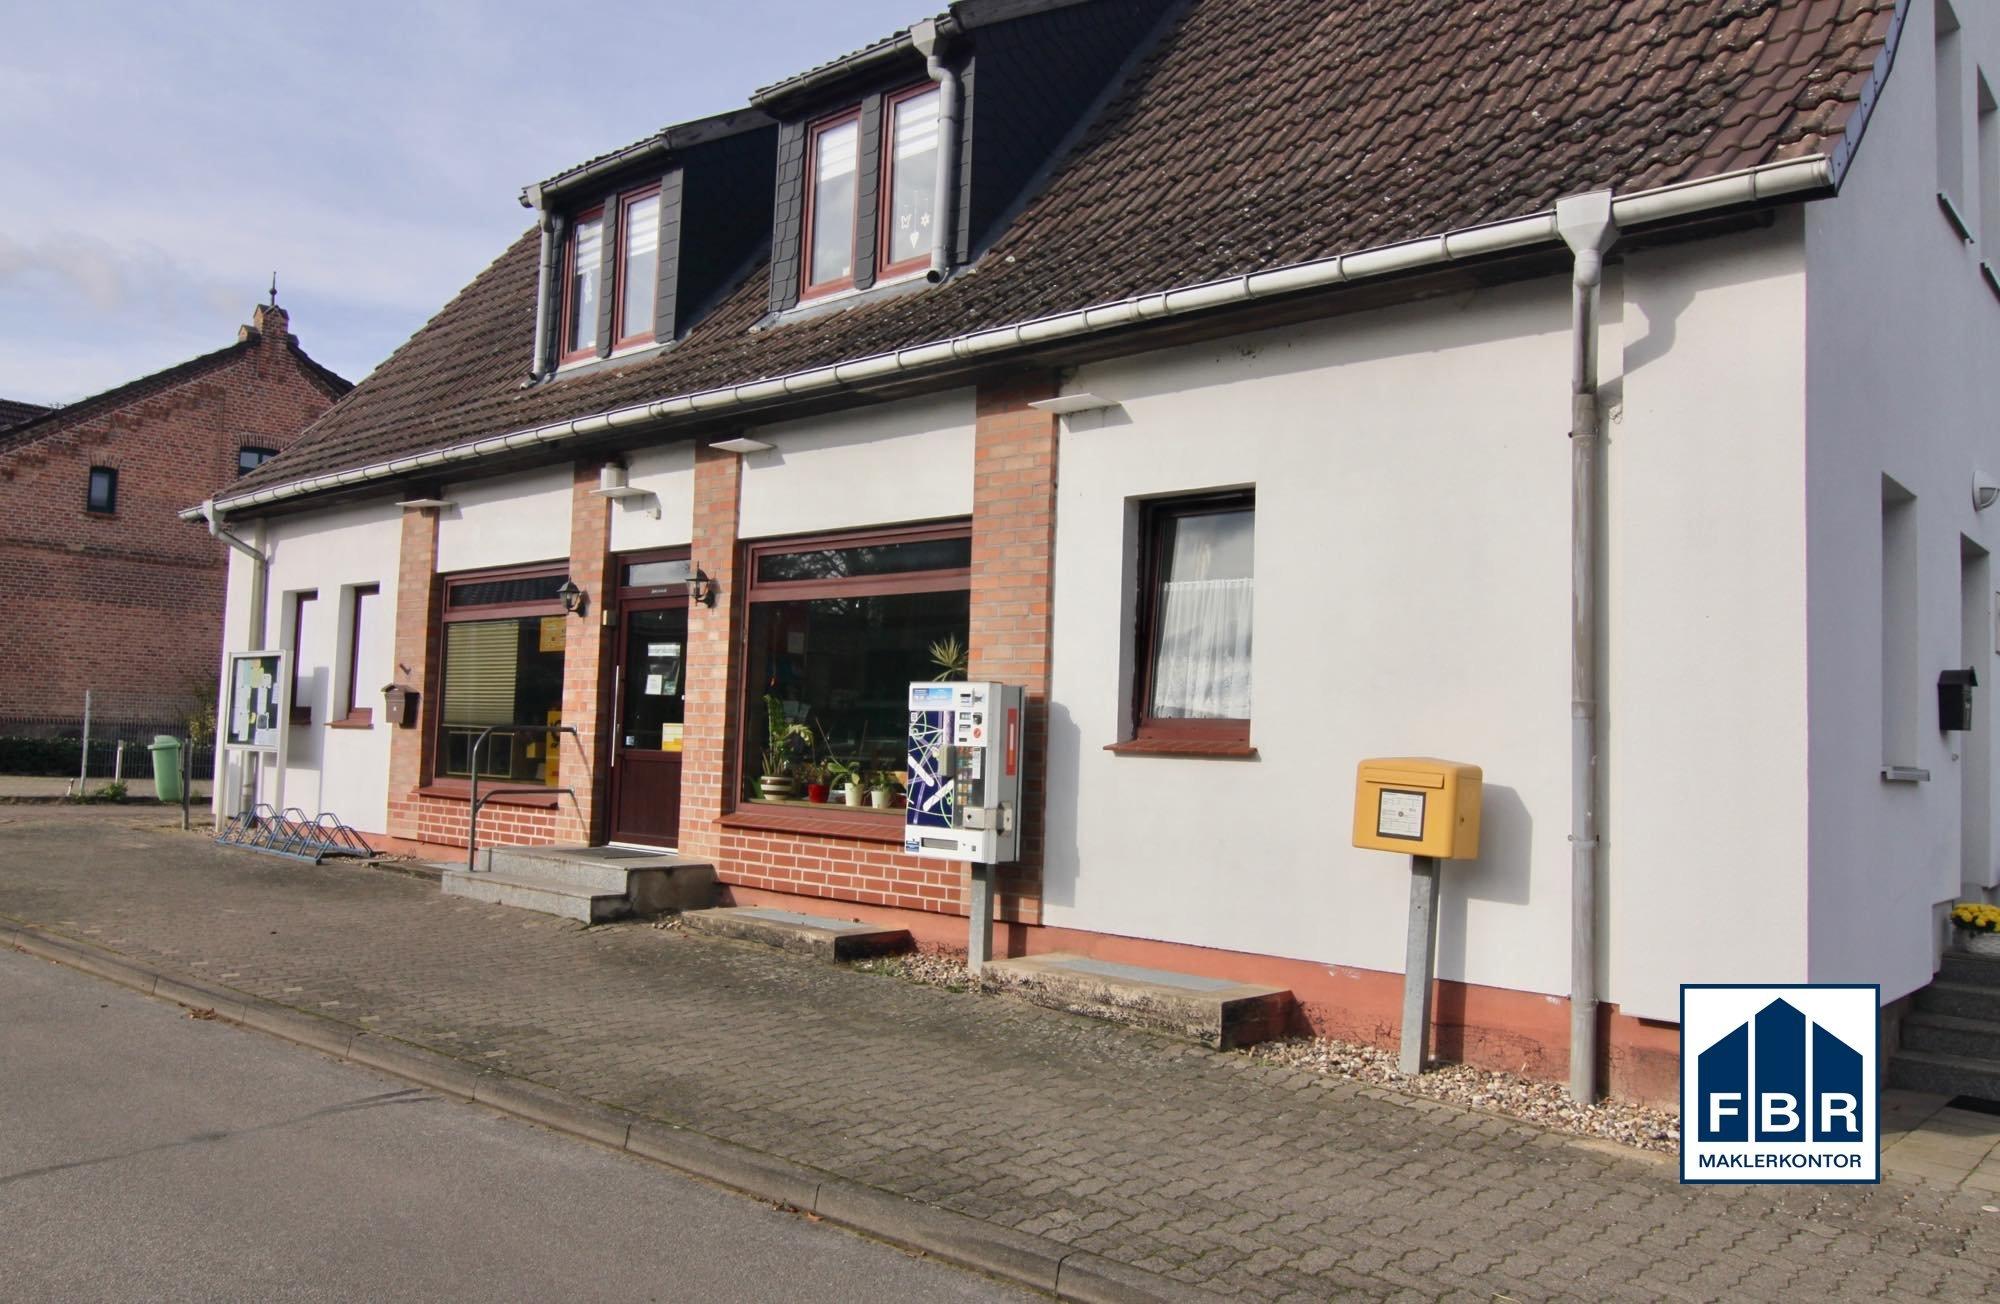 Der Dorfladen